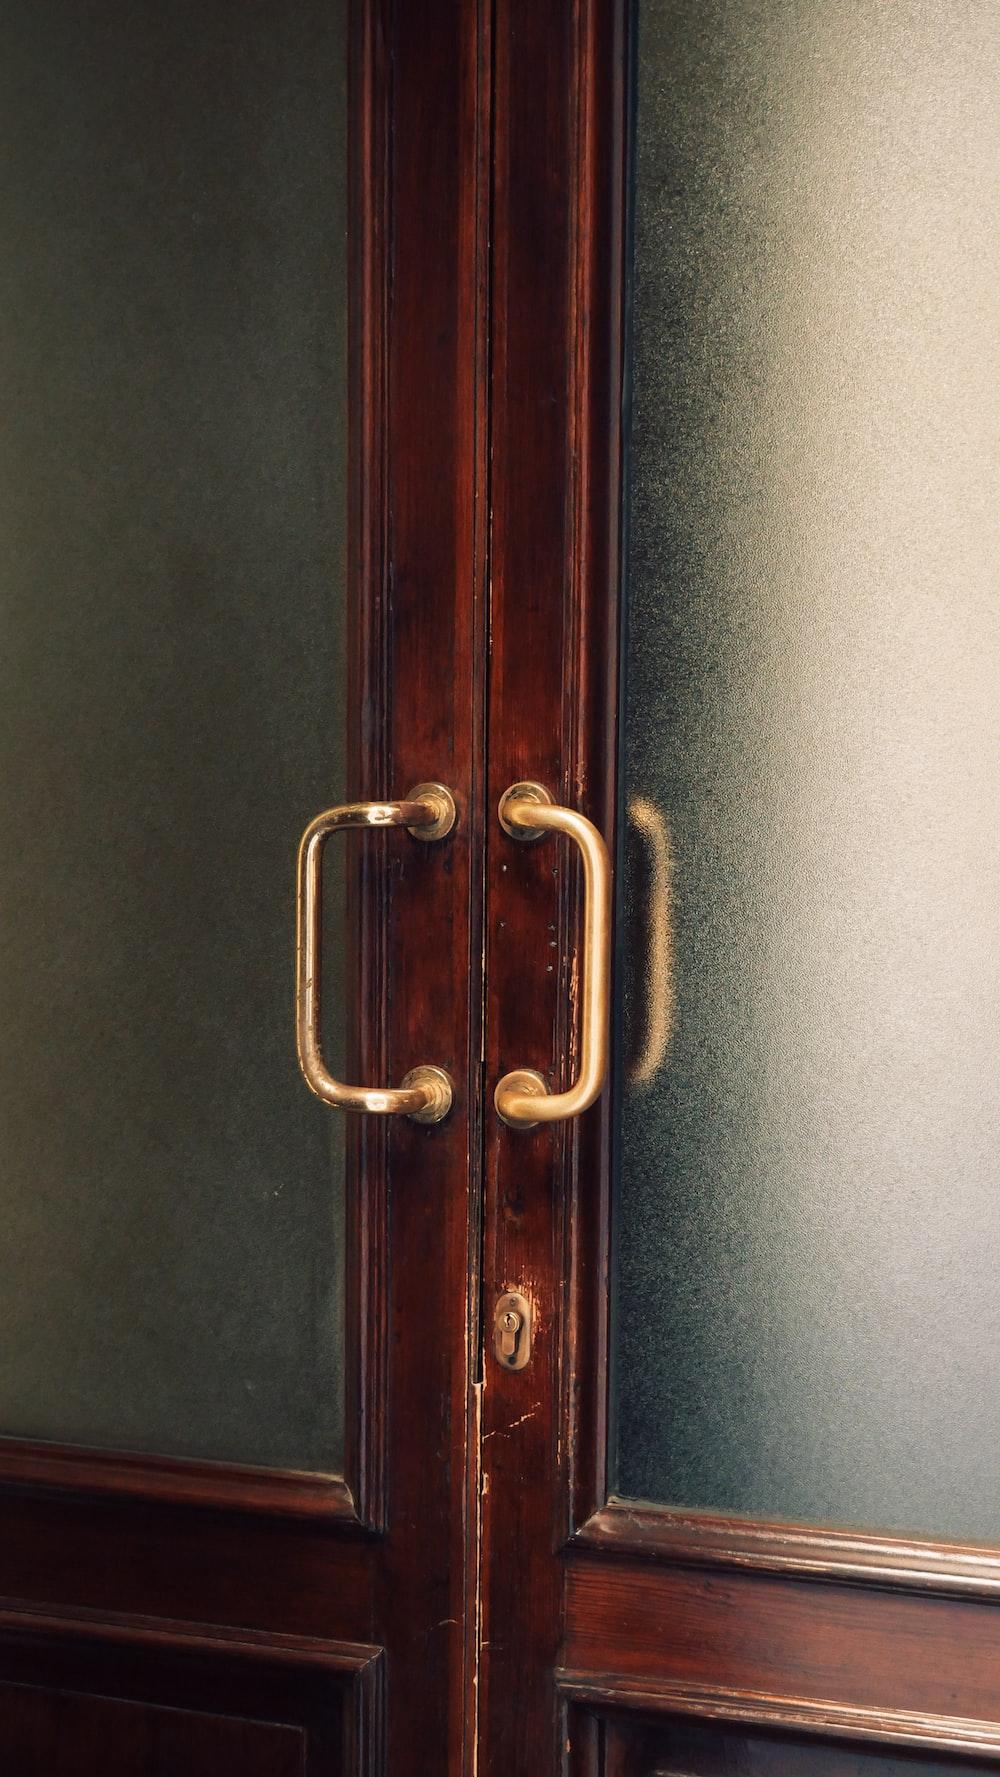 brown wooden door with silver handle